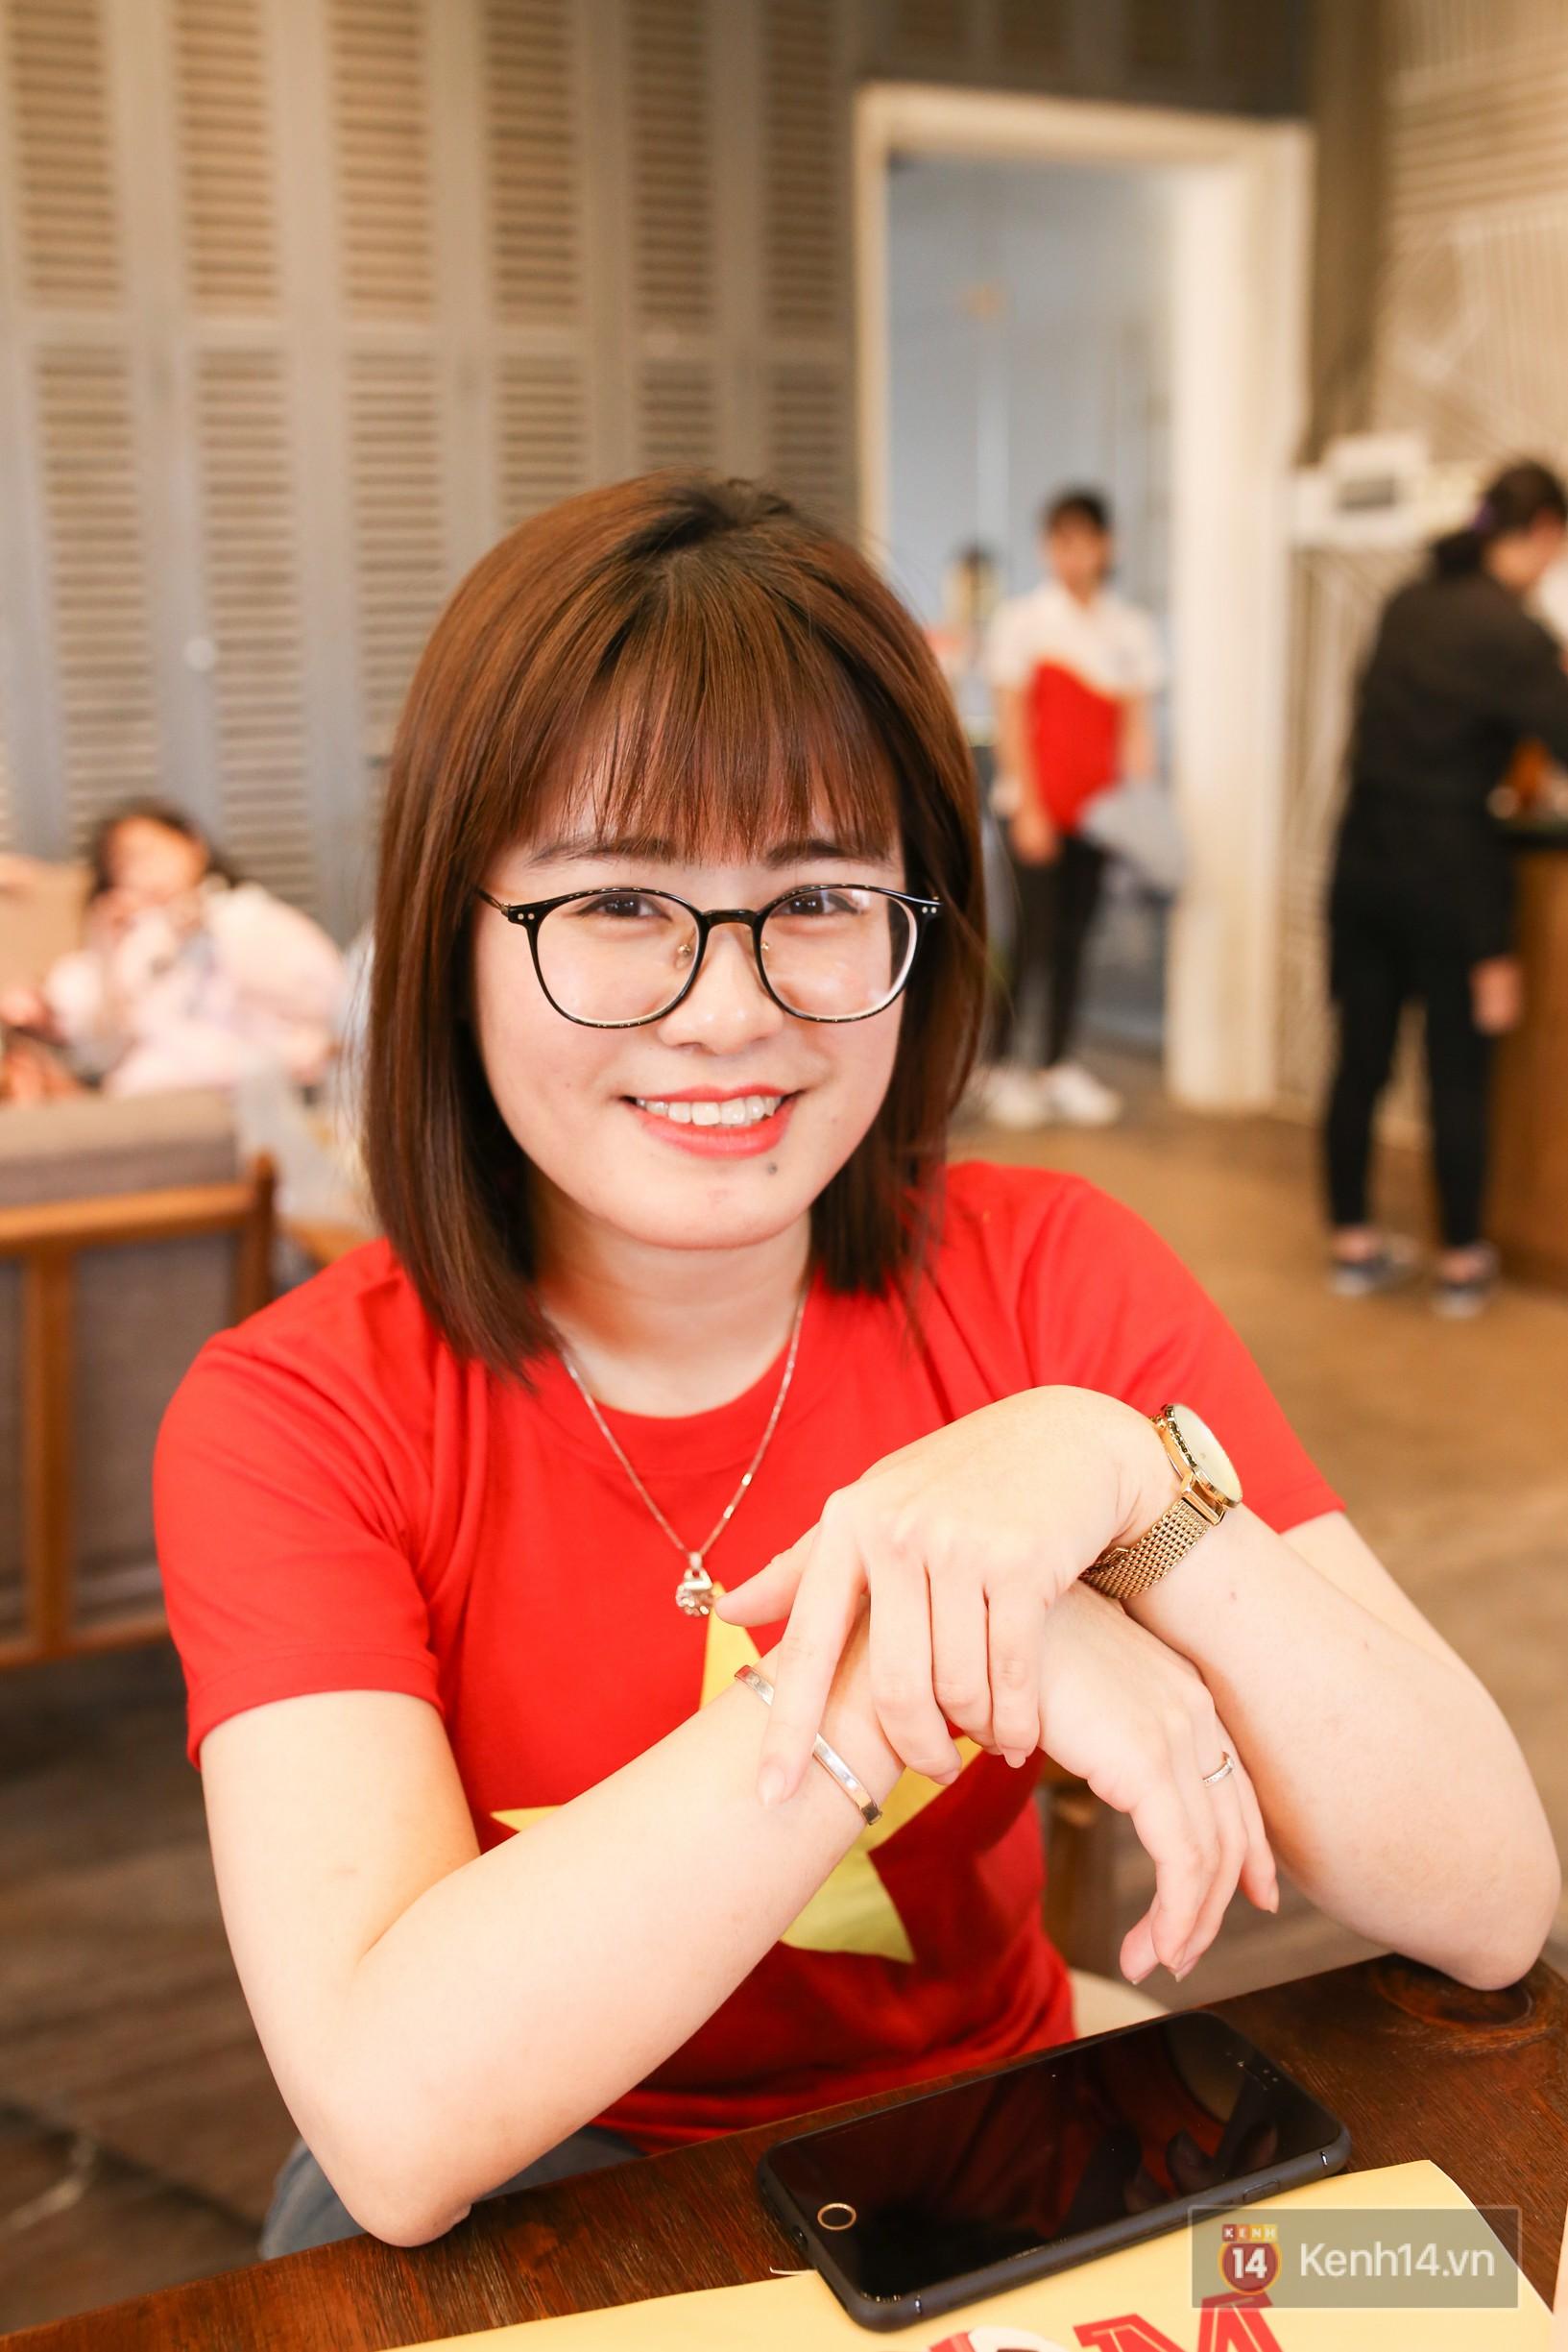 """Từ những cô nàng chẳng biết gì về bóng đá, đến """"Fandom quốc dân"""" dễ thương nhất, văn minh nhất của U23 Việt Nam - Ảnh 4."""